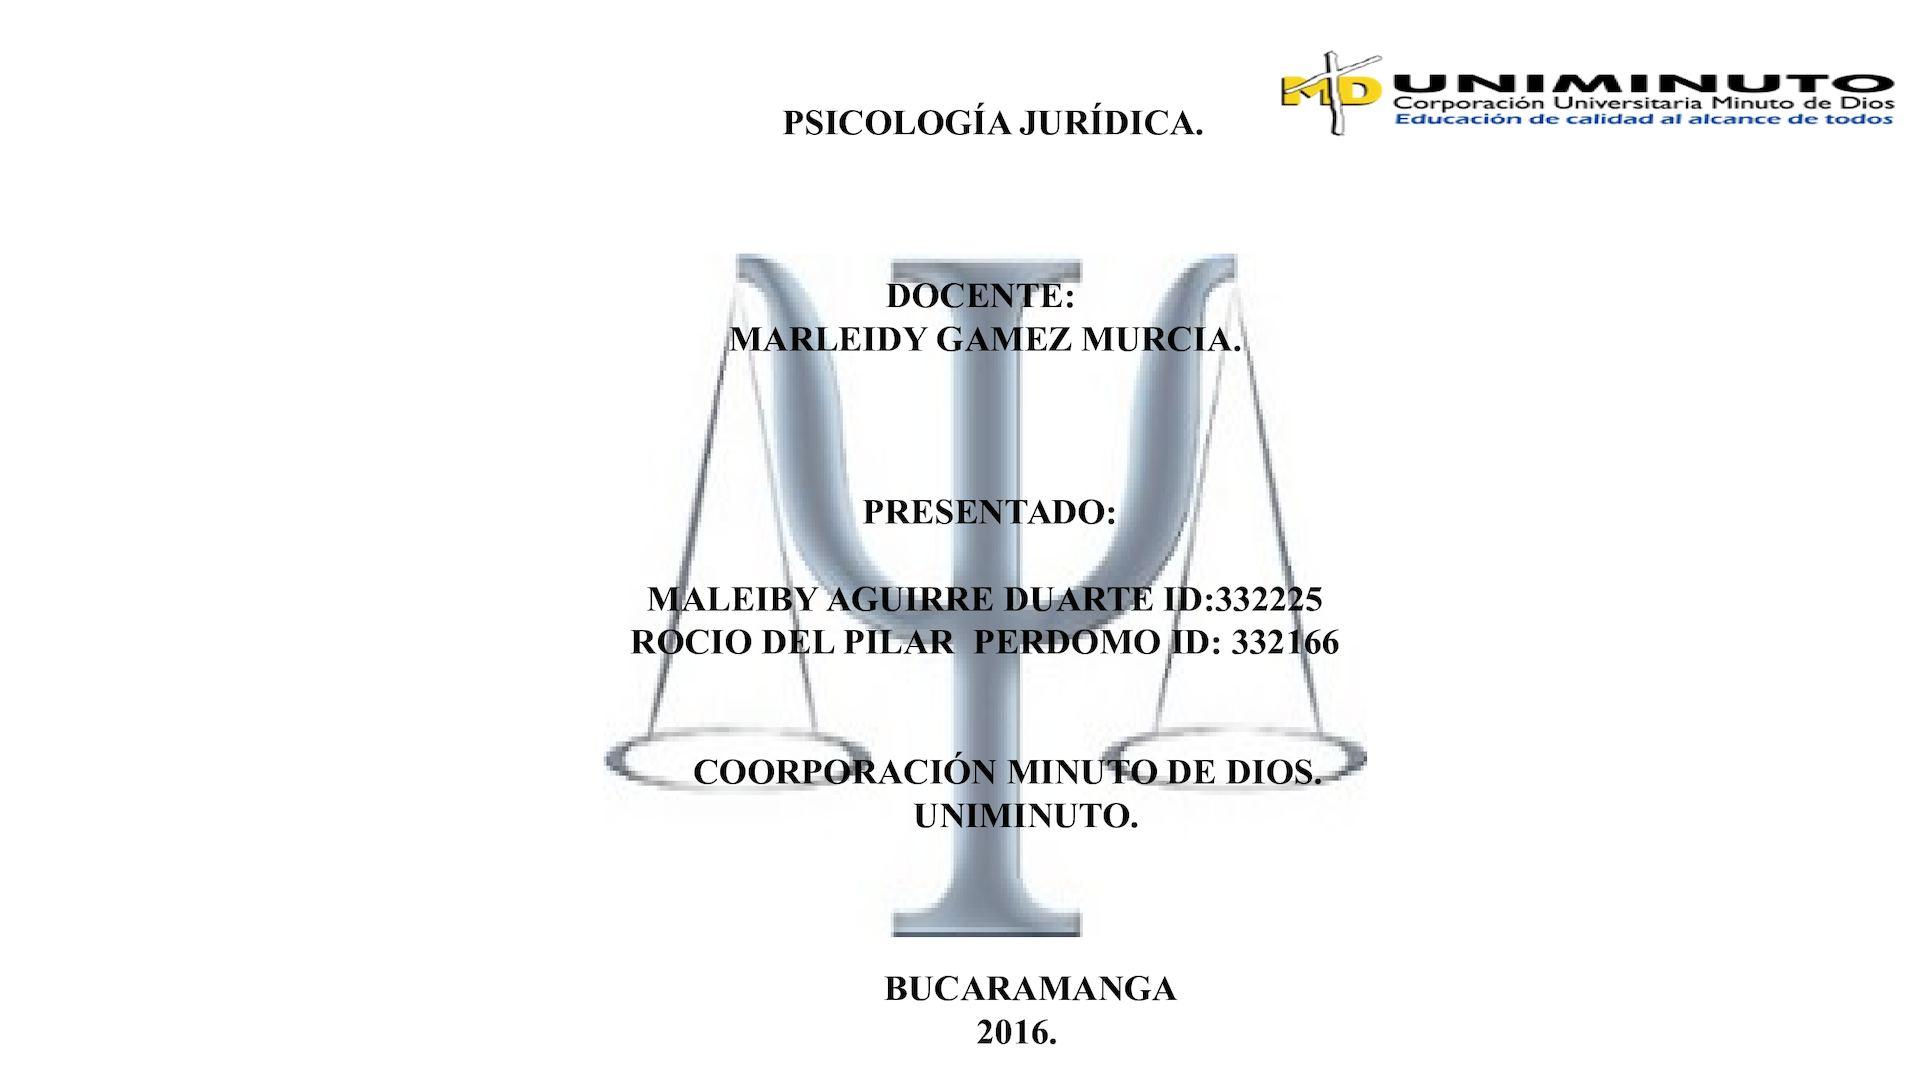 Calaméo - Revista Psicologia Juridica Listo